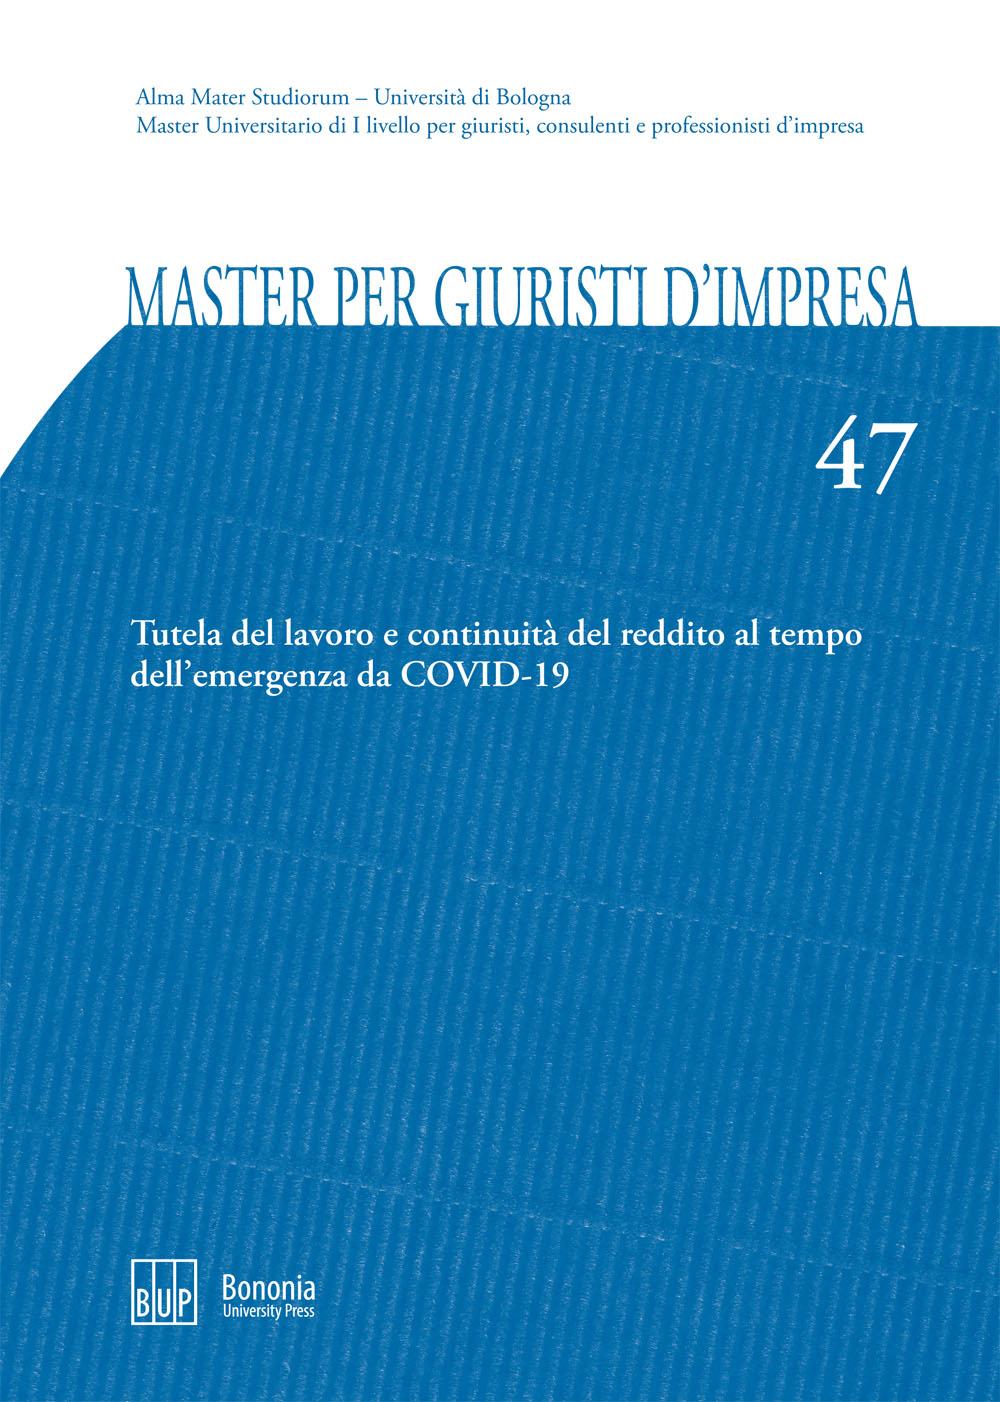 47. Tutela del lavoro e continuità del reddito al tempo dell'emergenza da Covid-19 - Bononia University Press